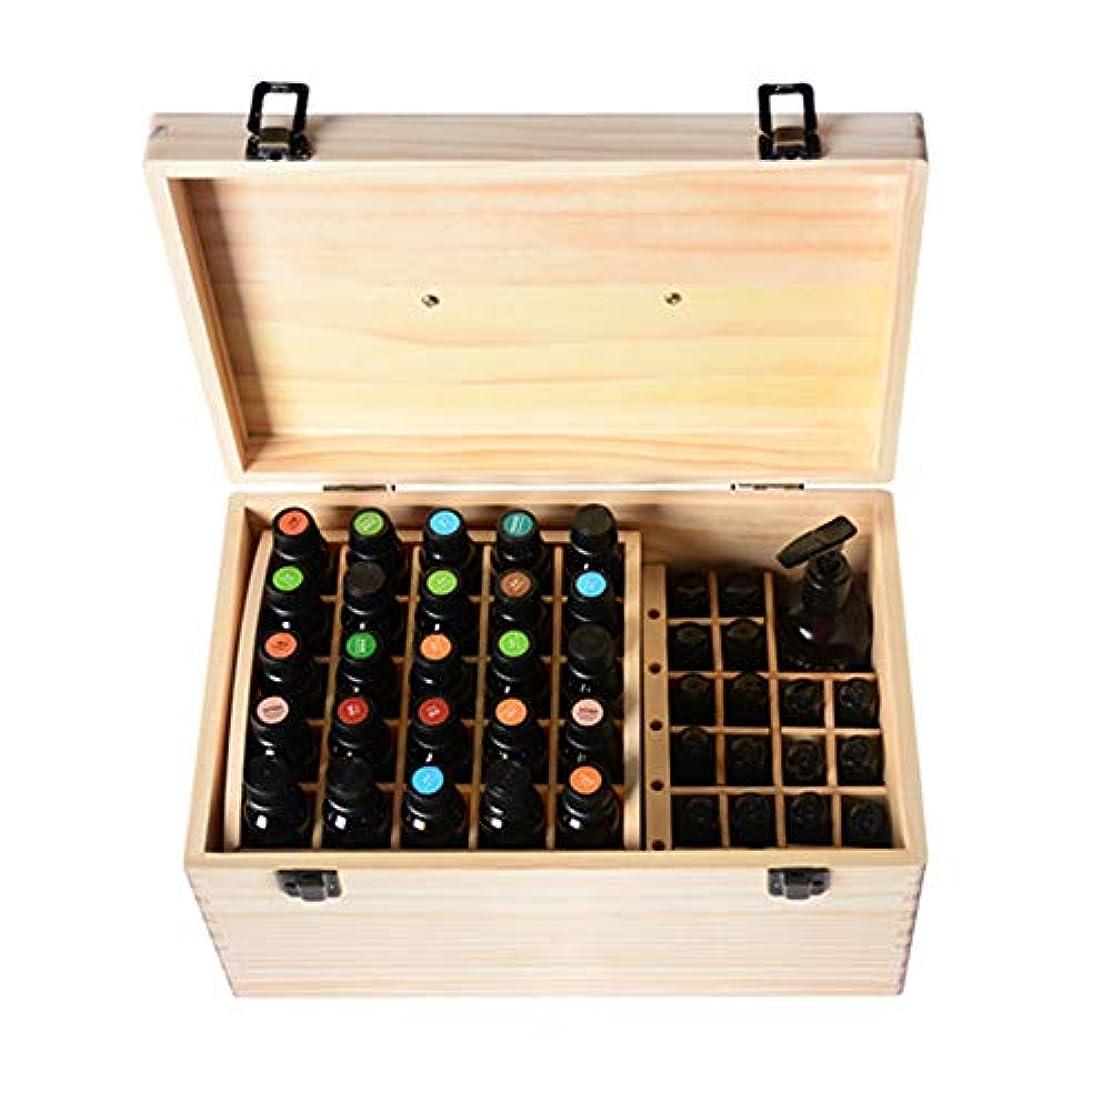 タヒチ家庭紳士気取りの、きざなエッセンシャルオイルの保管 74スロット木エッセンシャルオイルボックス収納ケース内部のリムーバブルは15/10 M1のボトルナチュラルパインを開催します (色 : Natural, サイズ : 35X20X16.5CM)